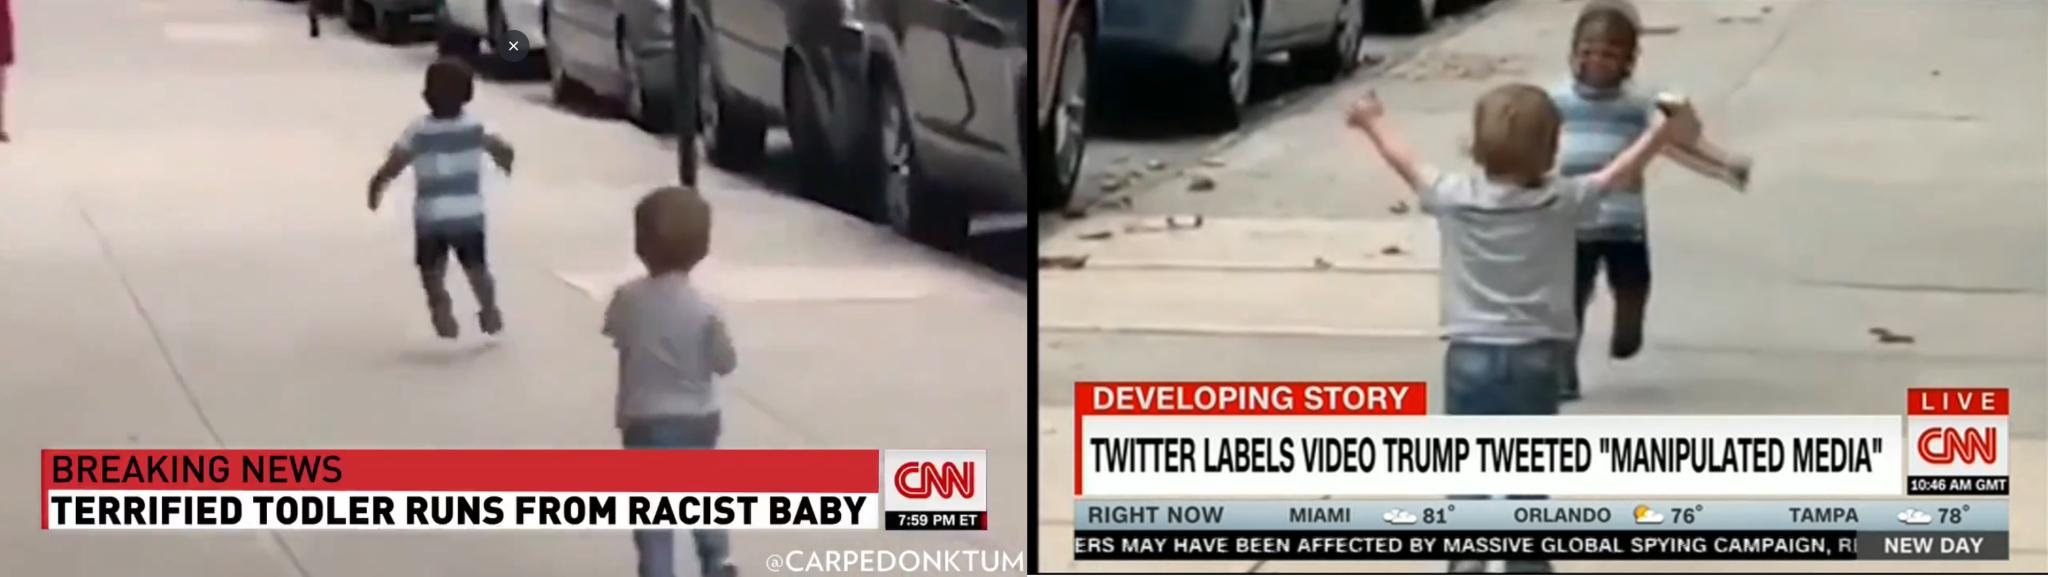 Po lewej: fragment filmu z konta Trumpa. Po prawej: zrzut ekranu z przekazu CNN